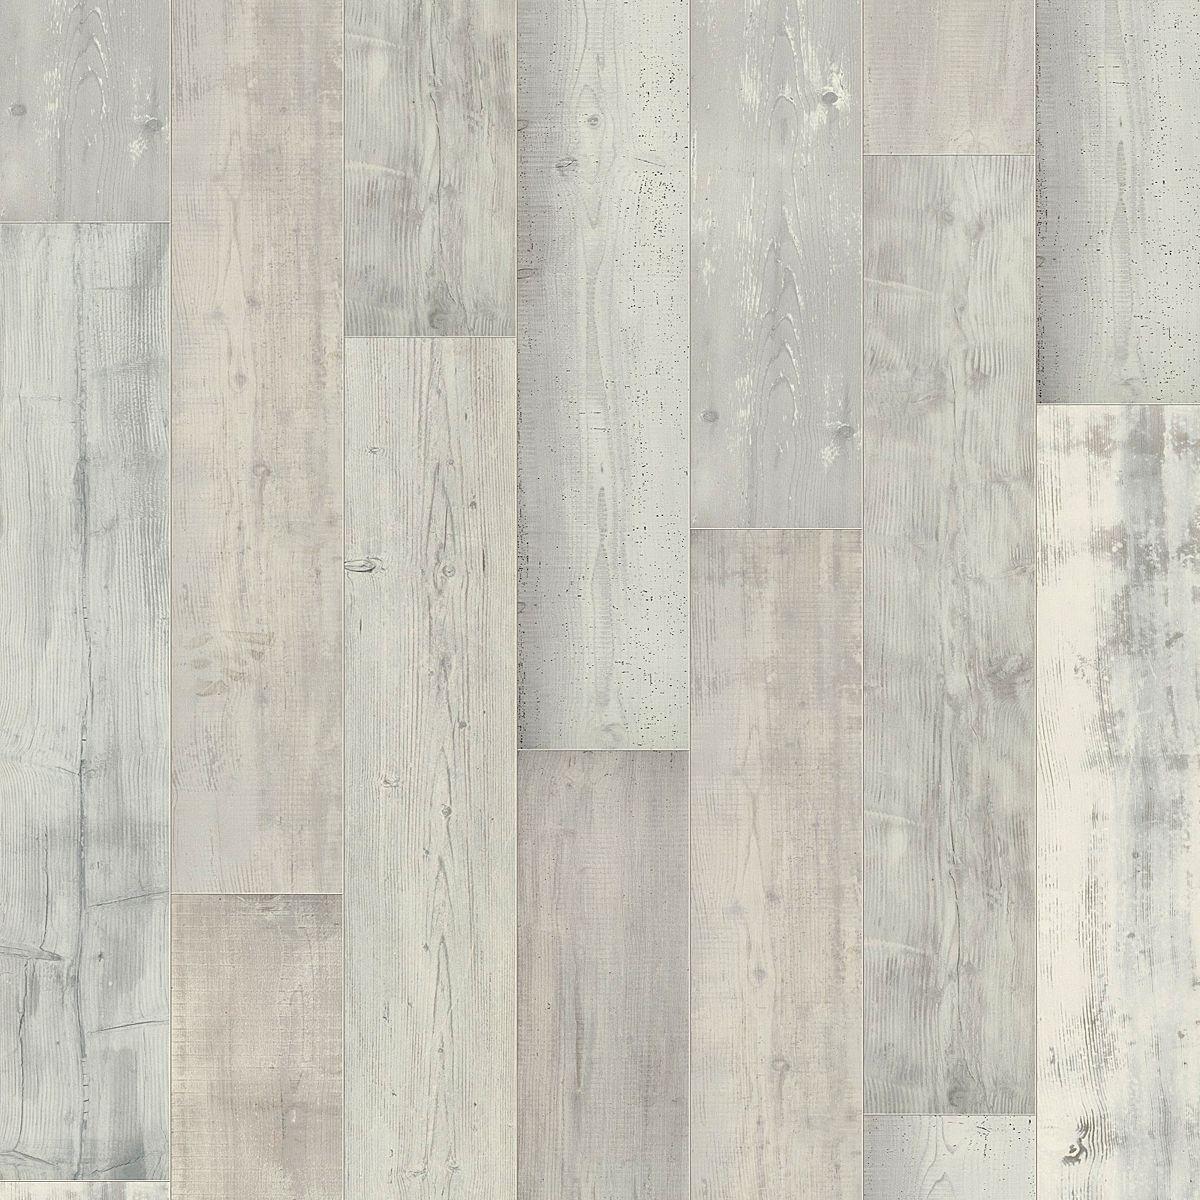 Avatara - Drijfhout schelp wit